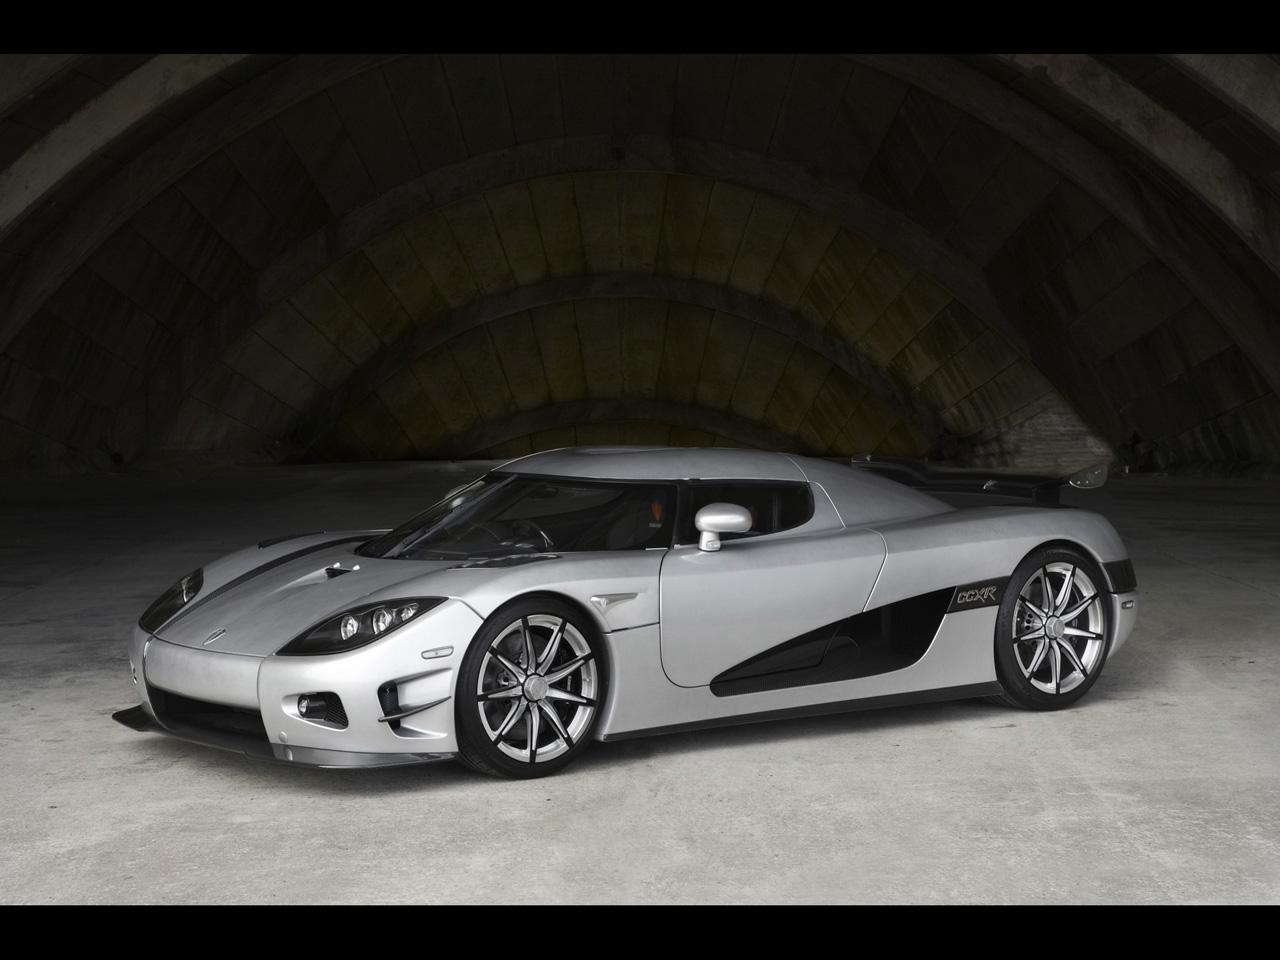 https://3.bp.blogspot.com/-OxBKwEwzdi4/Tav3QQBgwbI/AAAAAAAAAUE/Iiz2TgwK3M8/s1600/Wallpaper-Koenigsegg-Trevita-Front-View.jpg